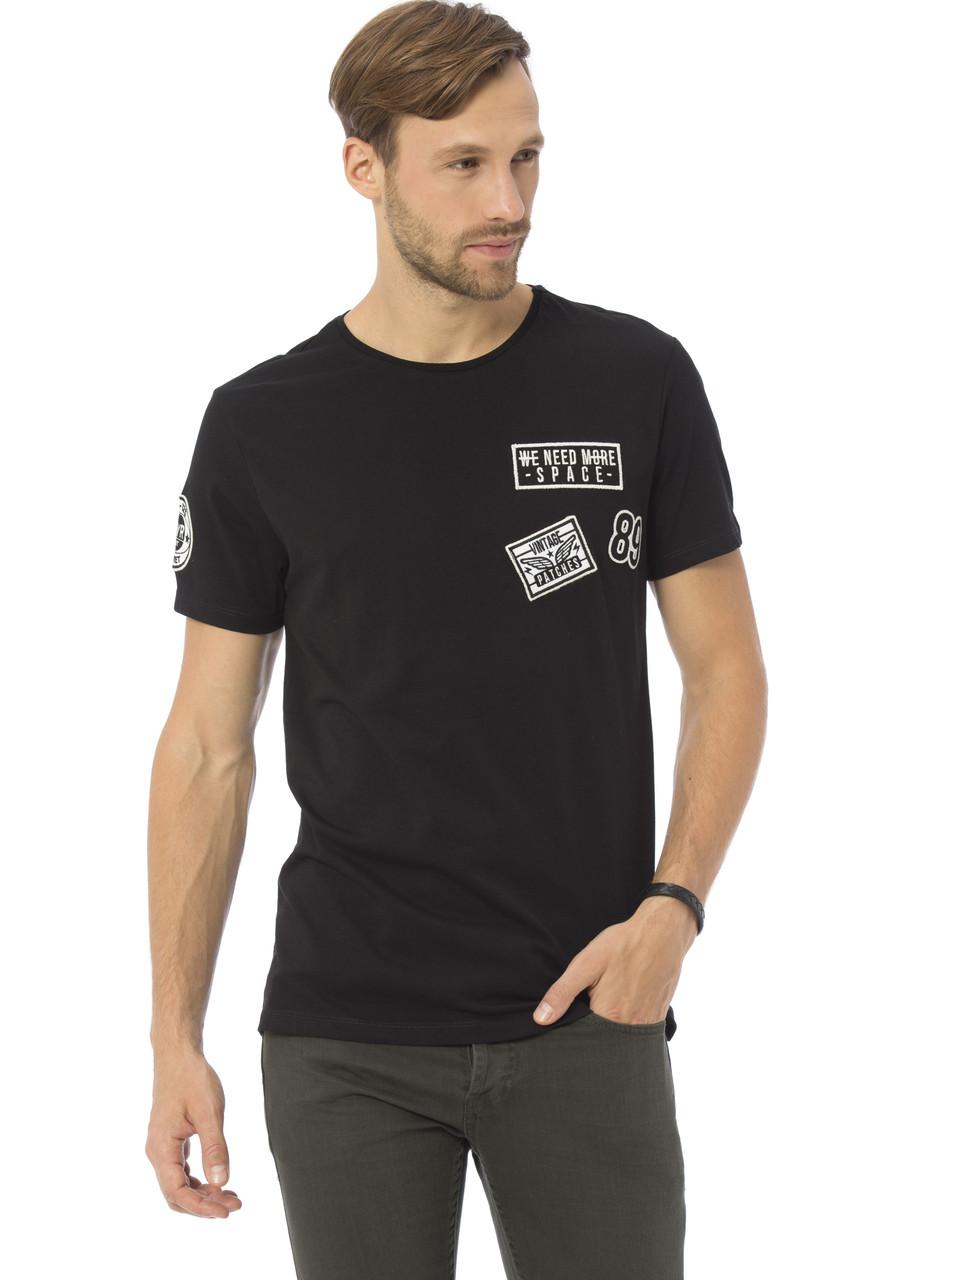 Черная мужская футболка LC Waikiki / ЛС Вайкики с надписью на груди